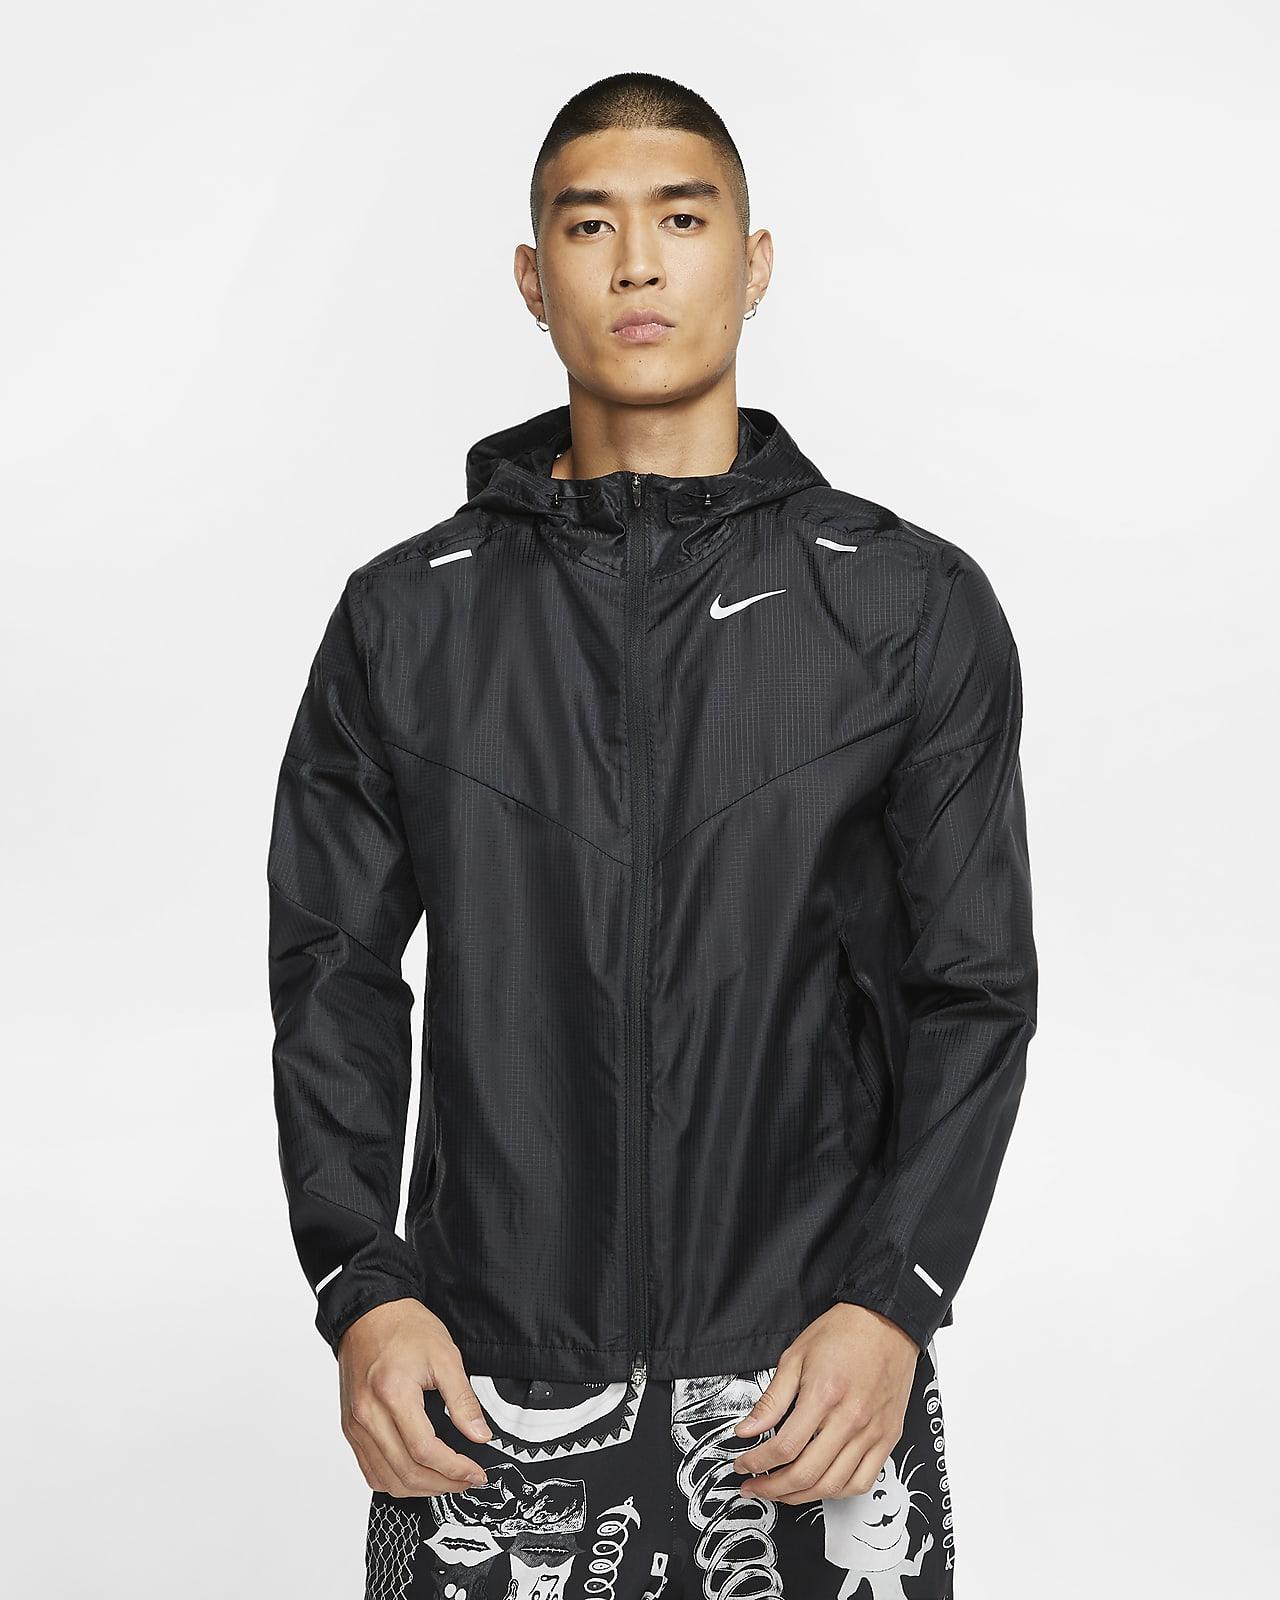 ナイキ ウィンドランナー メンズ ランニングジャケット